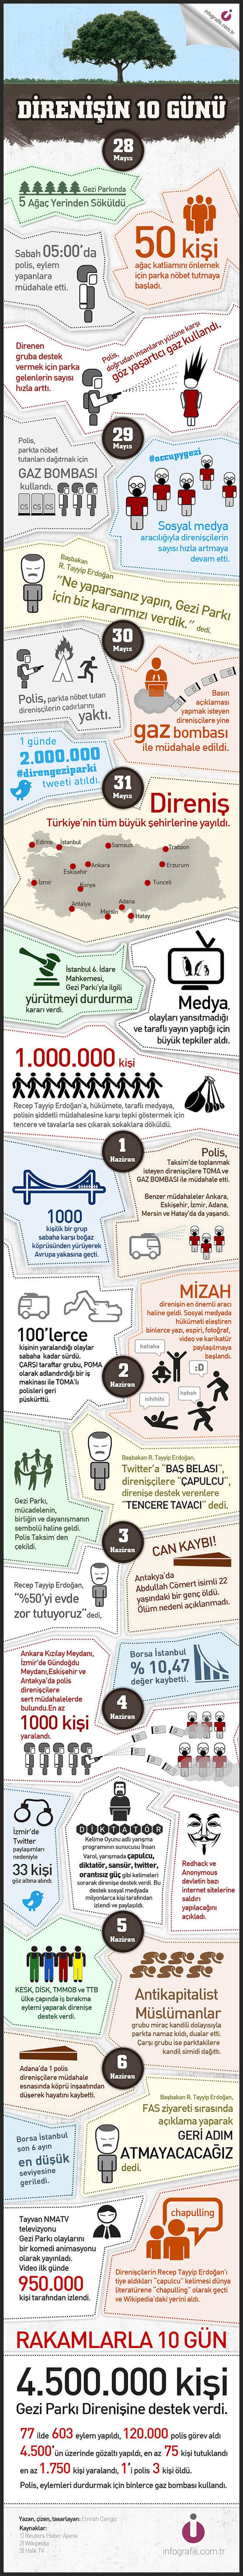 Sayılarla Gezi Parkı direnişi [infografik]